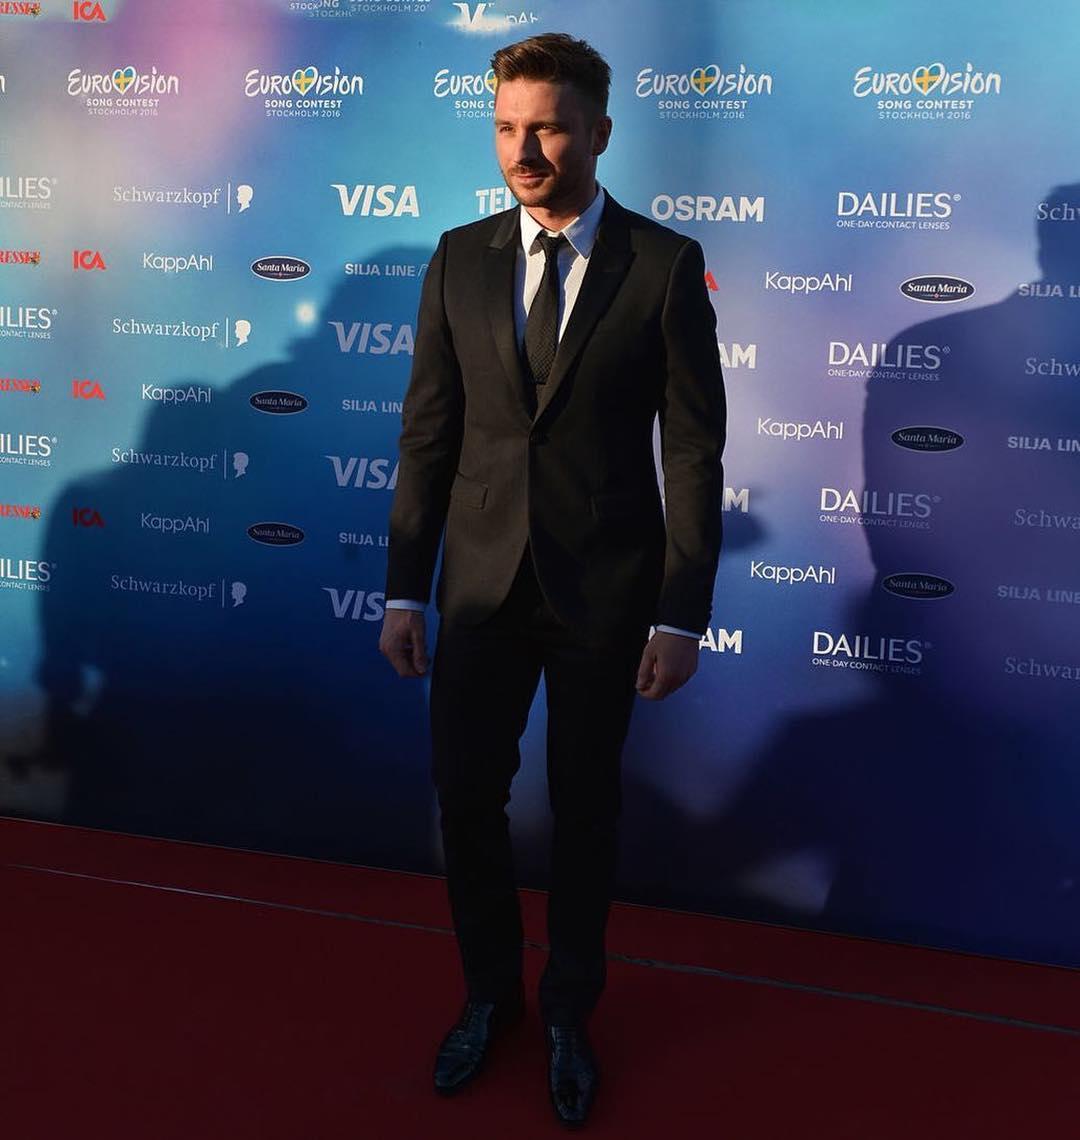 Сергей Лазарев впервые прокомментировал победу Украины на Евровидении 2016